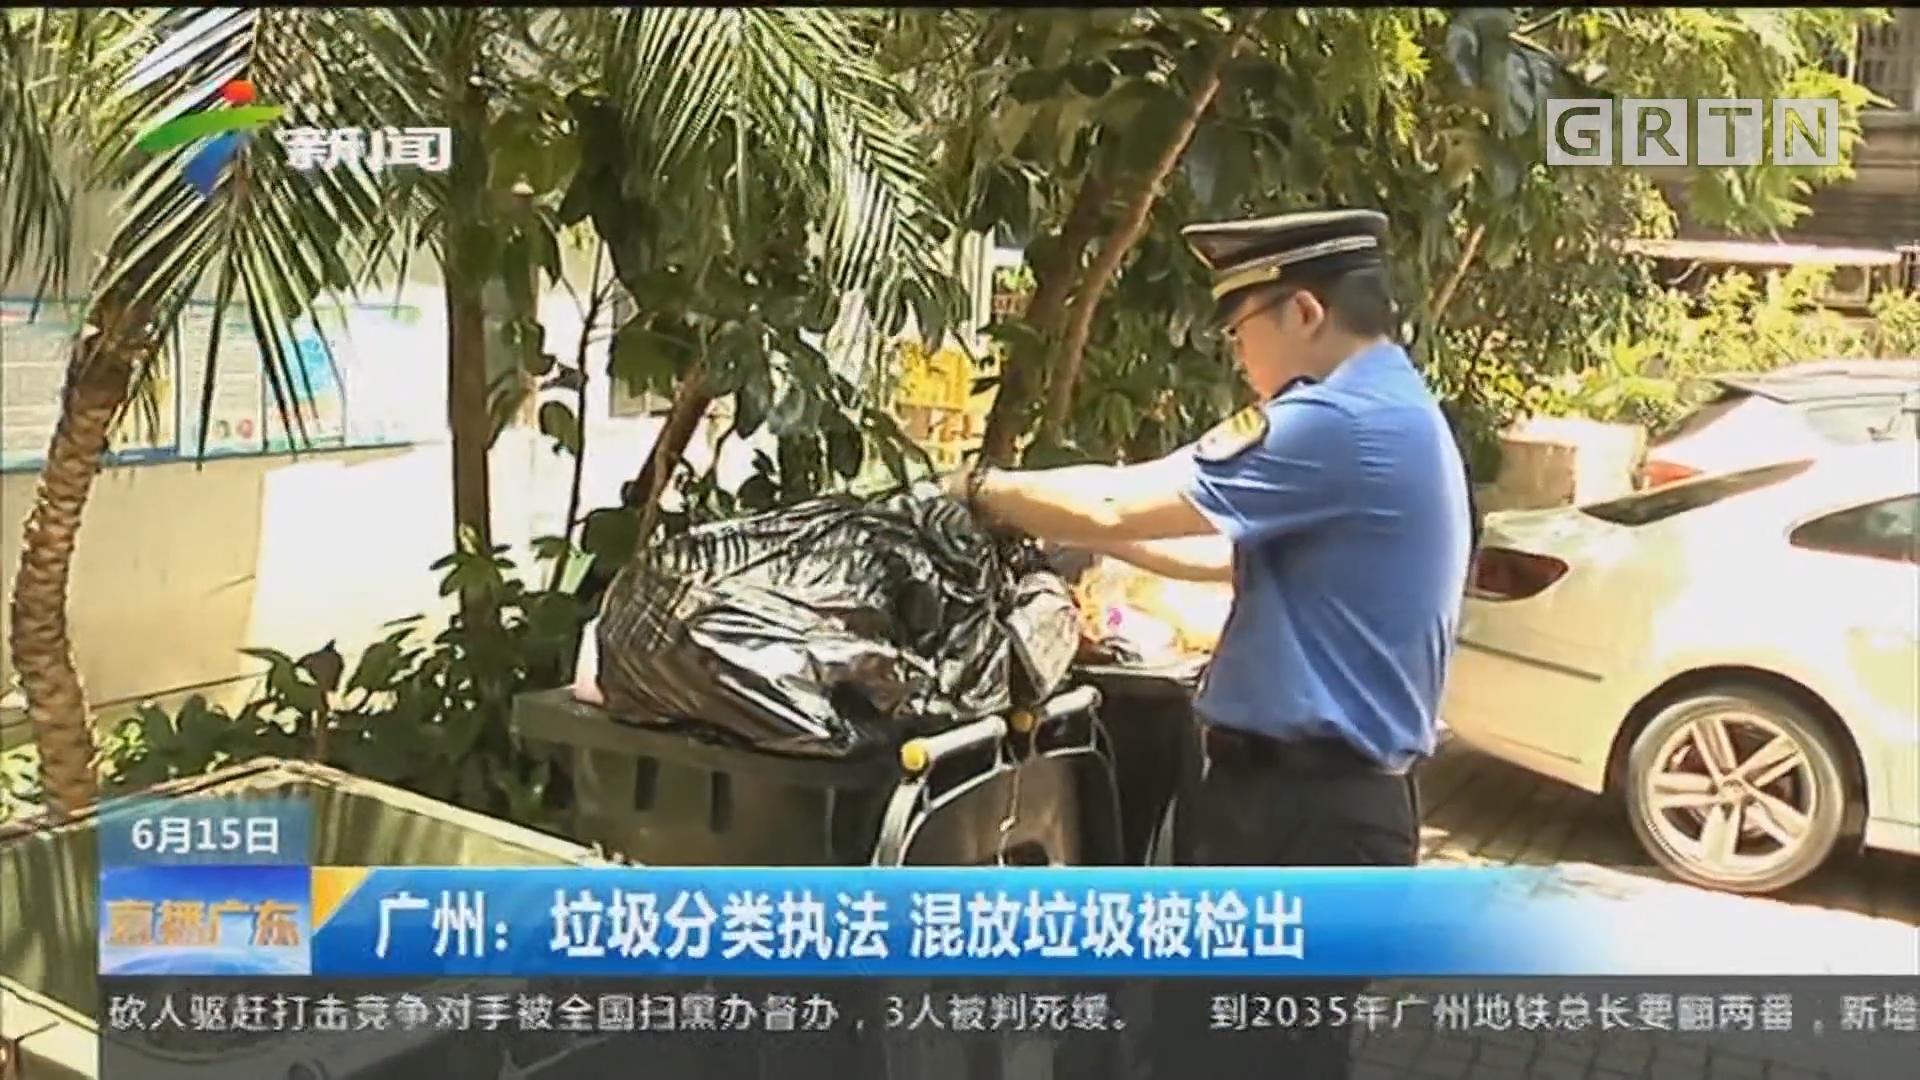 广州:垃圾分类执法 混放垃圾被检出